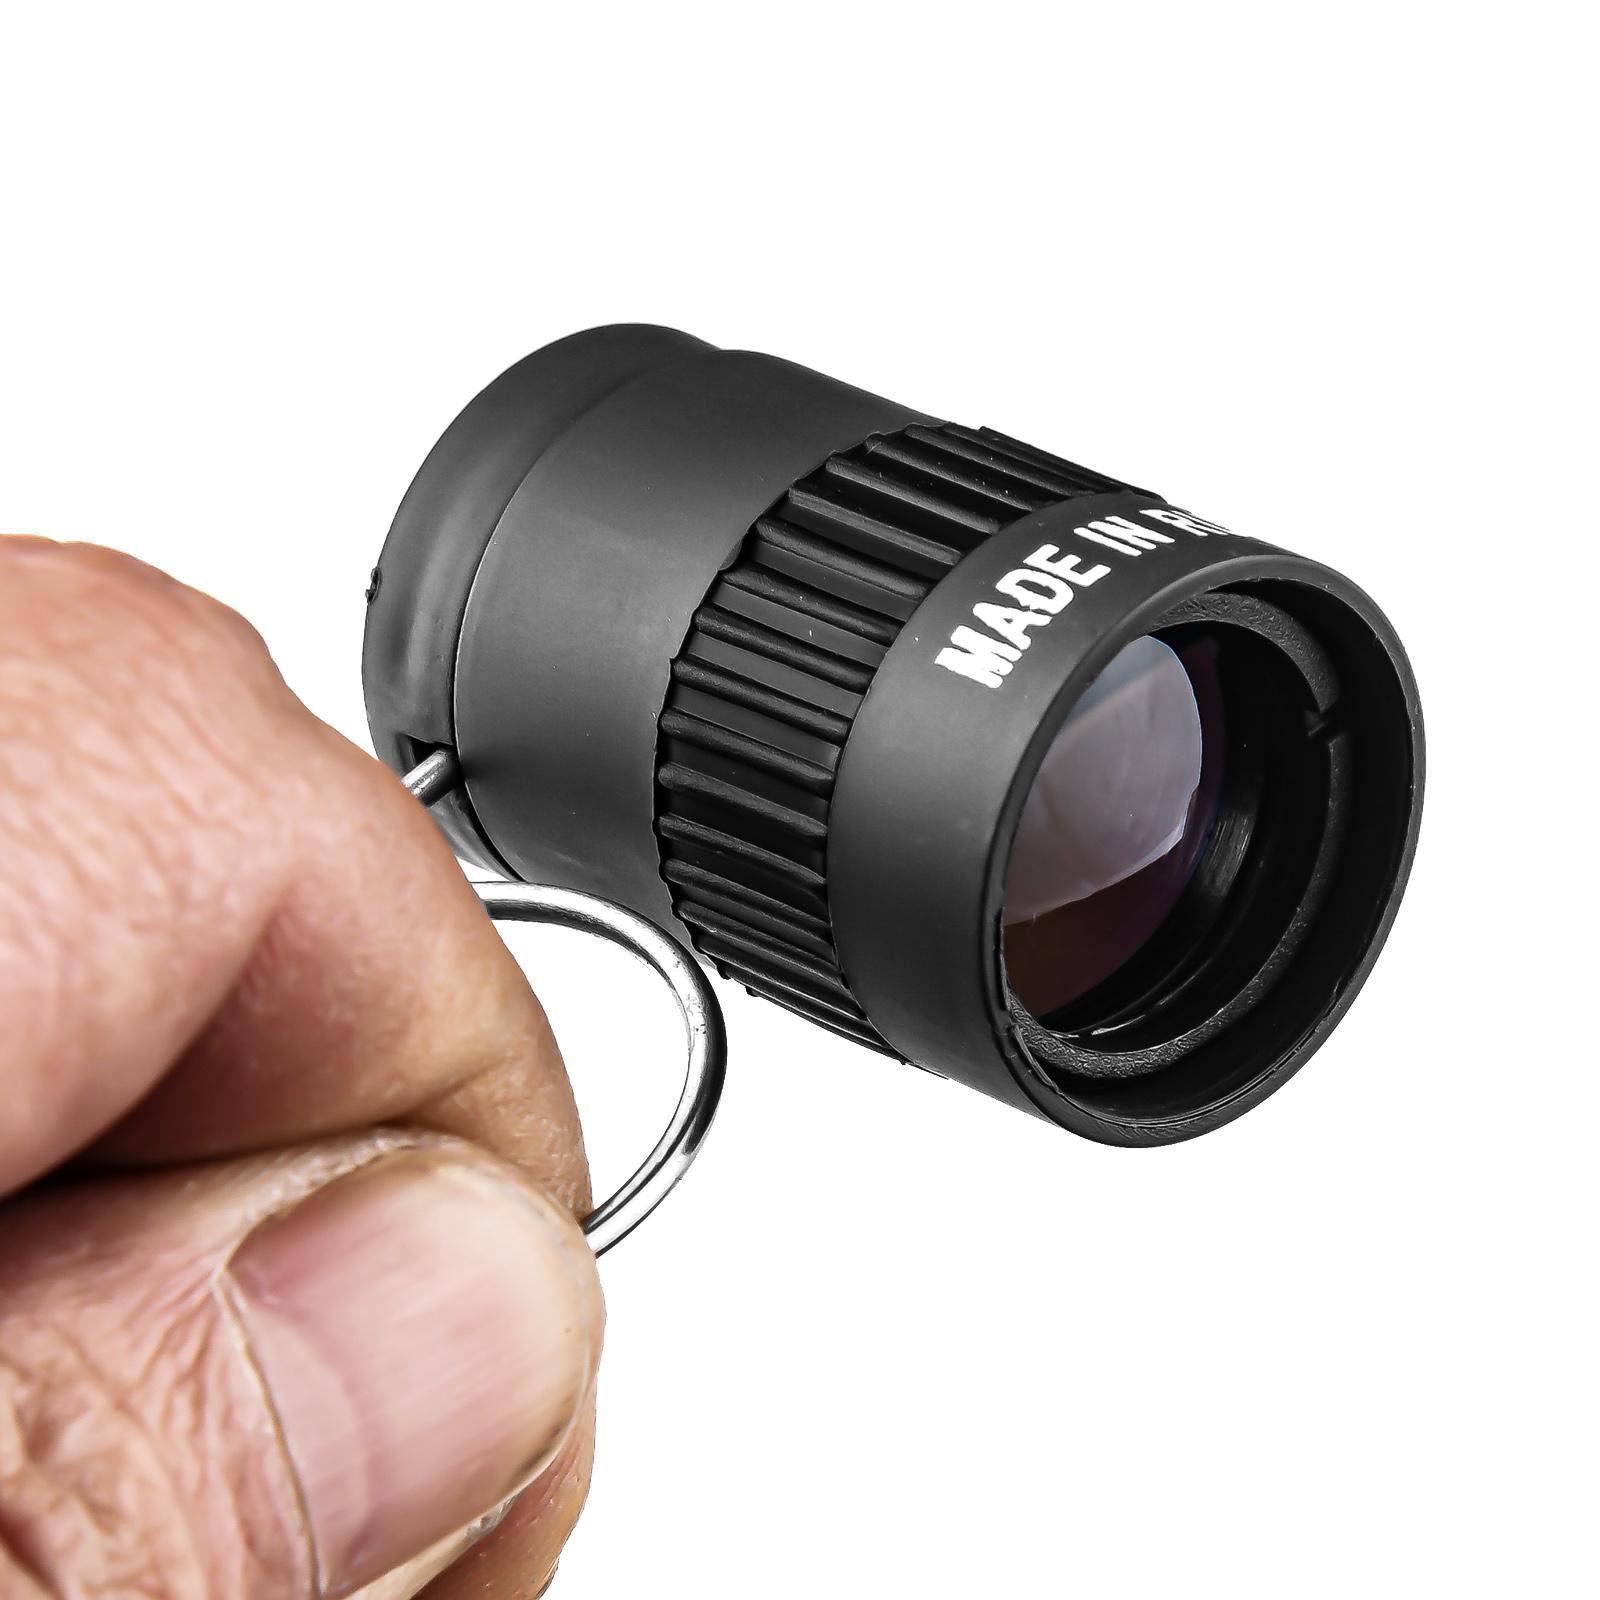 Мини-монокуляр для незаметного наблюдения (черный)